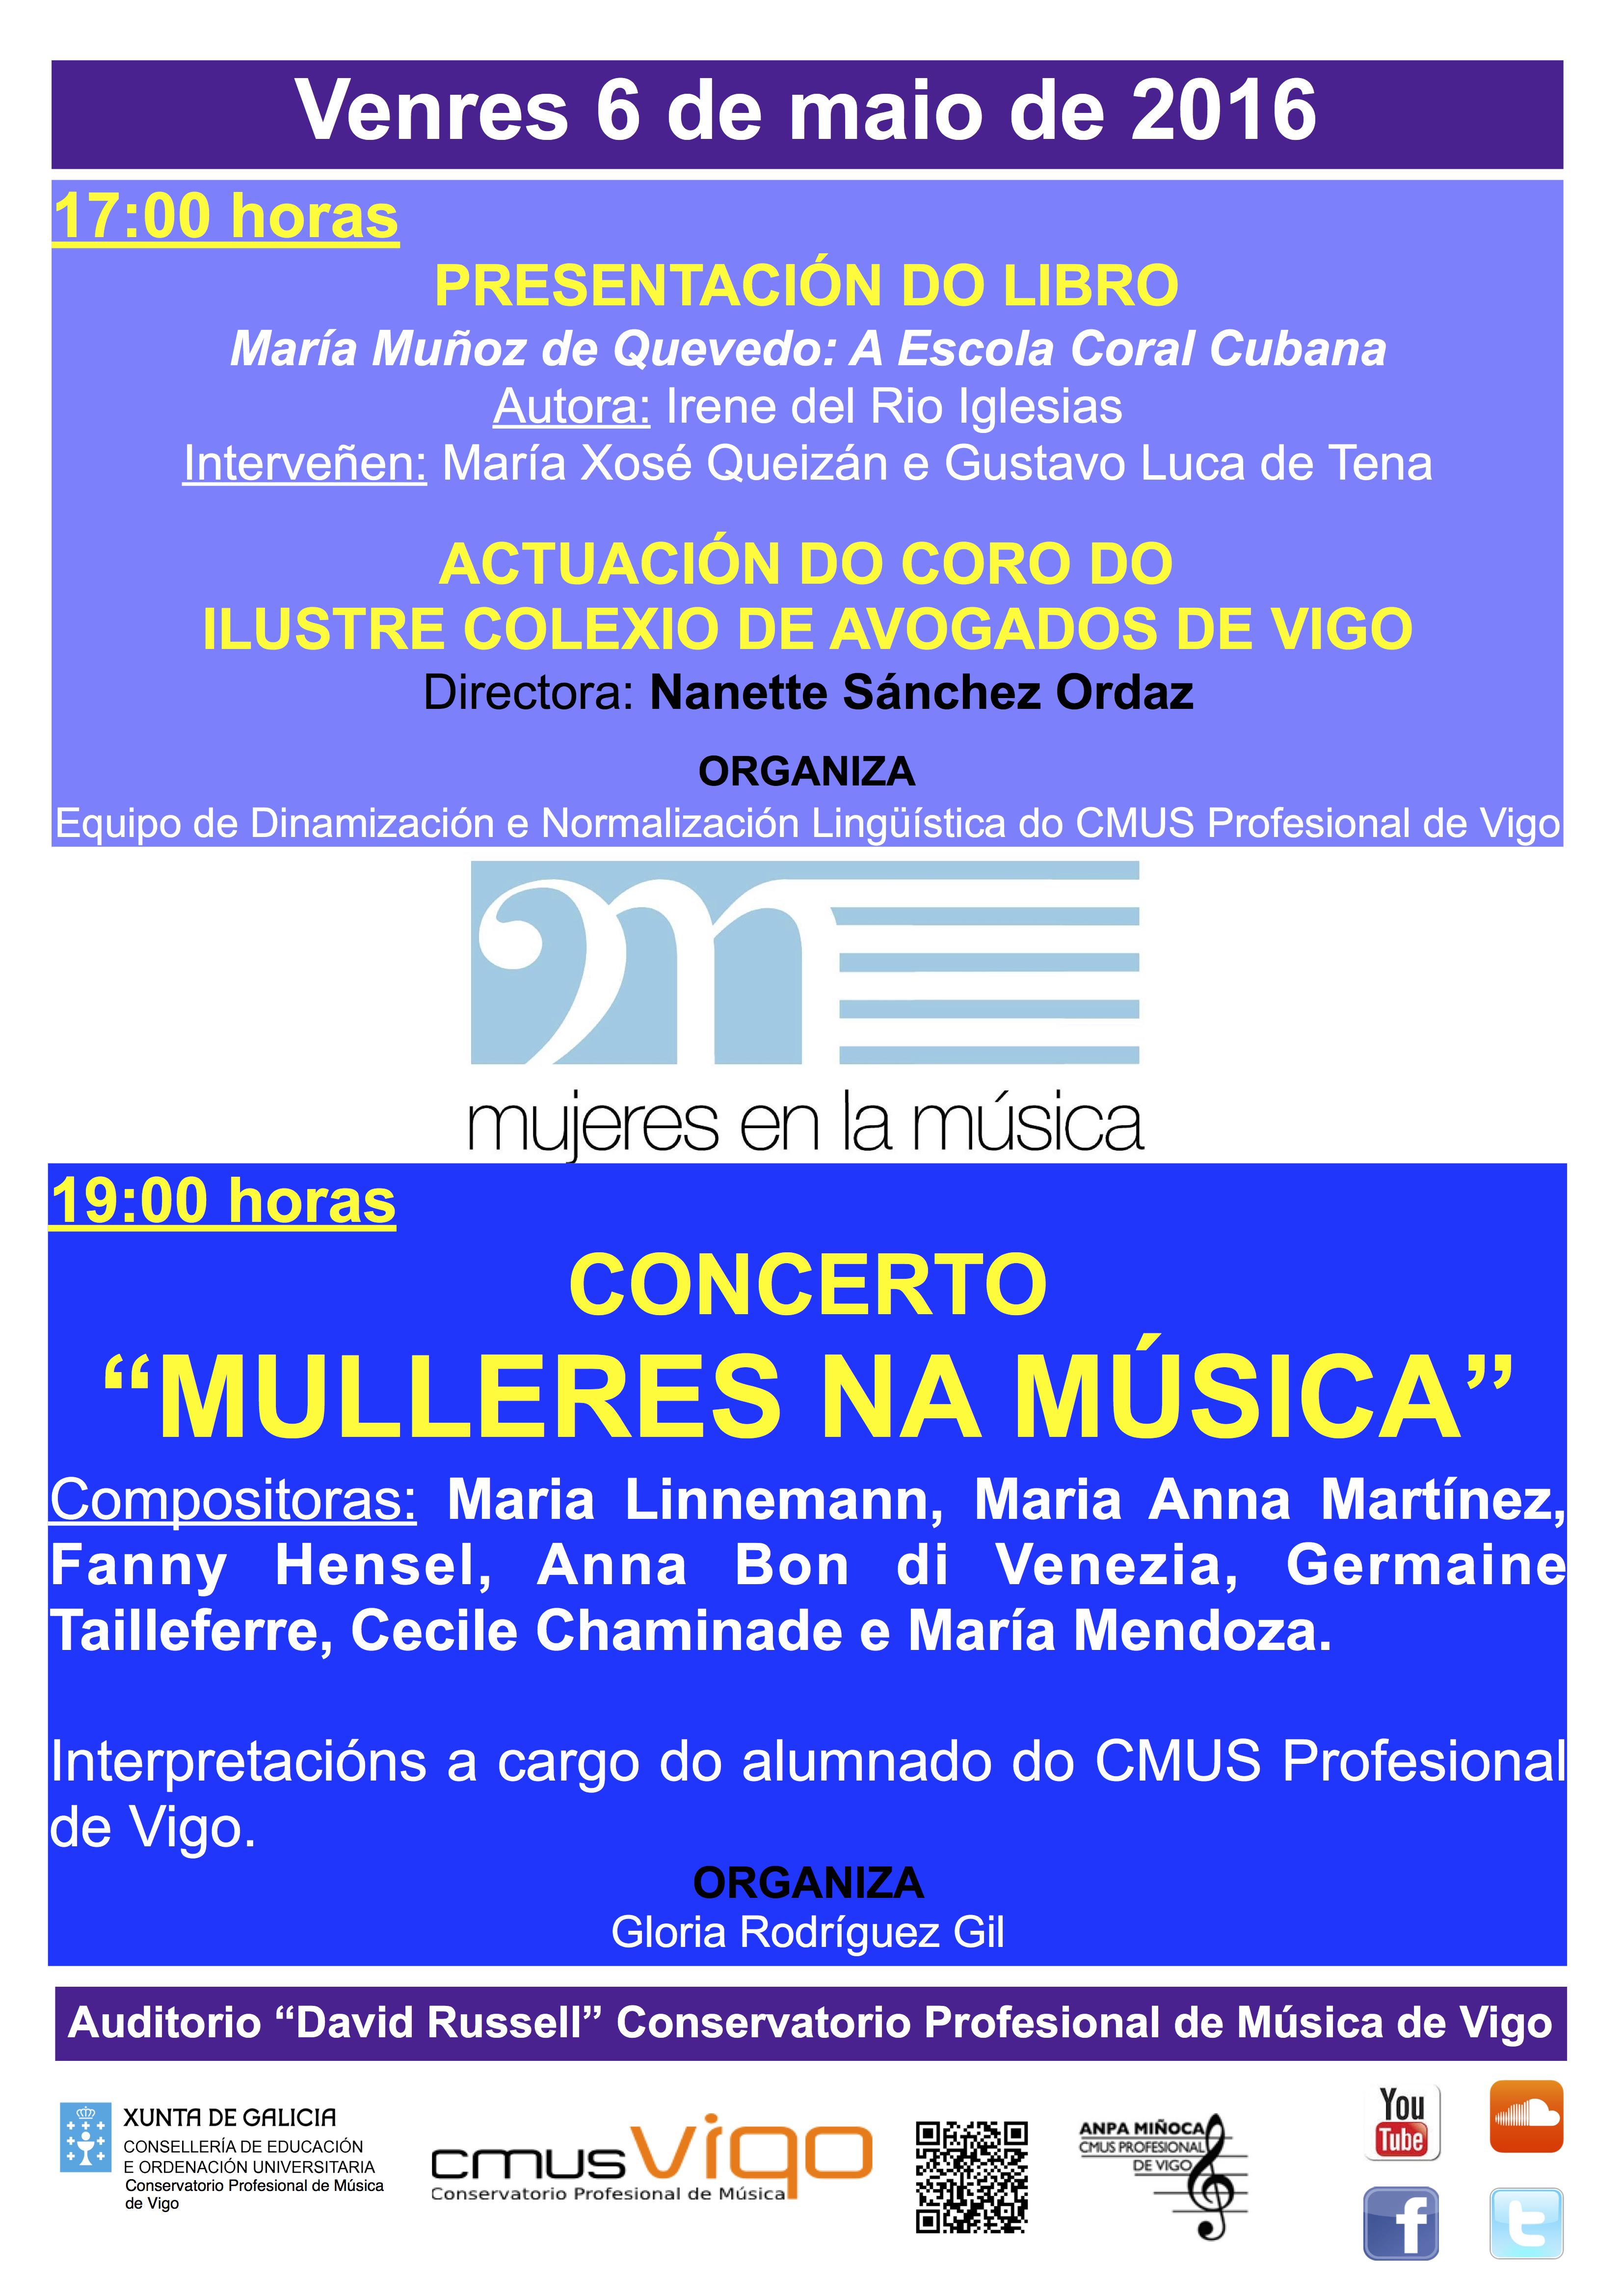 A3_MULLERES_MUìSICA_06_05_16